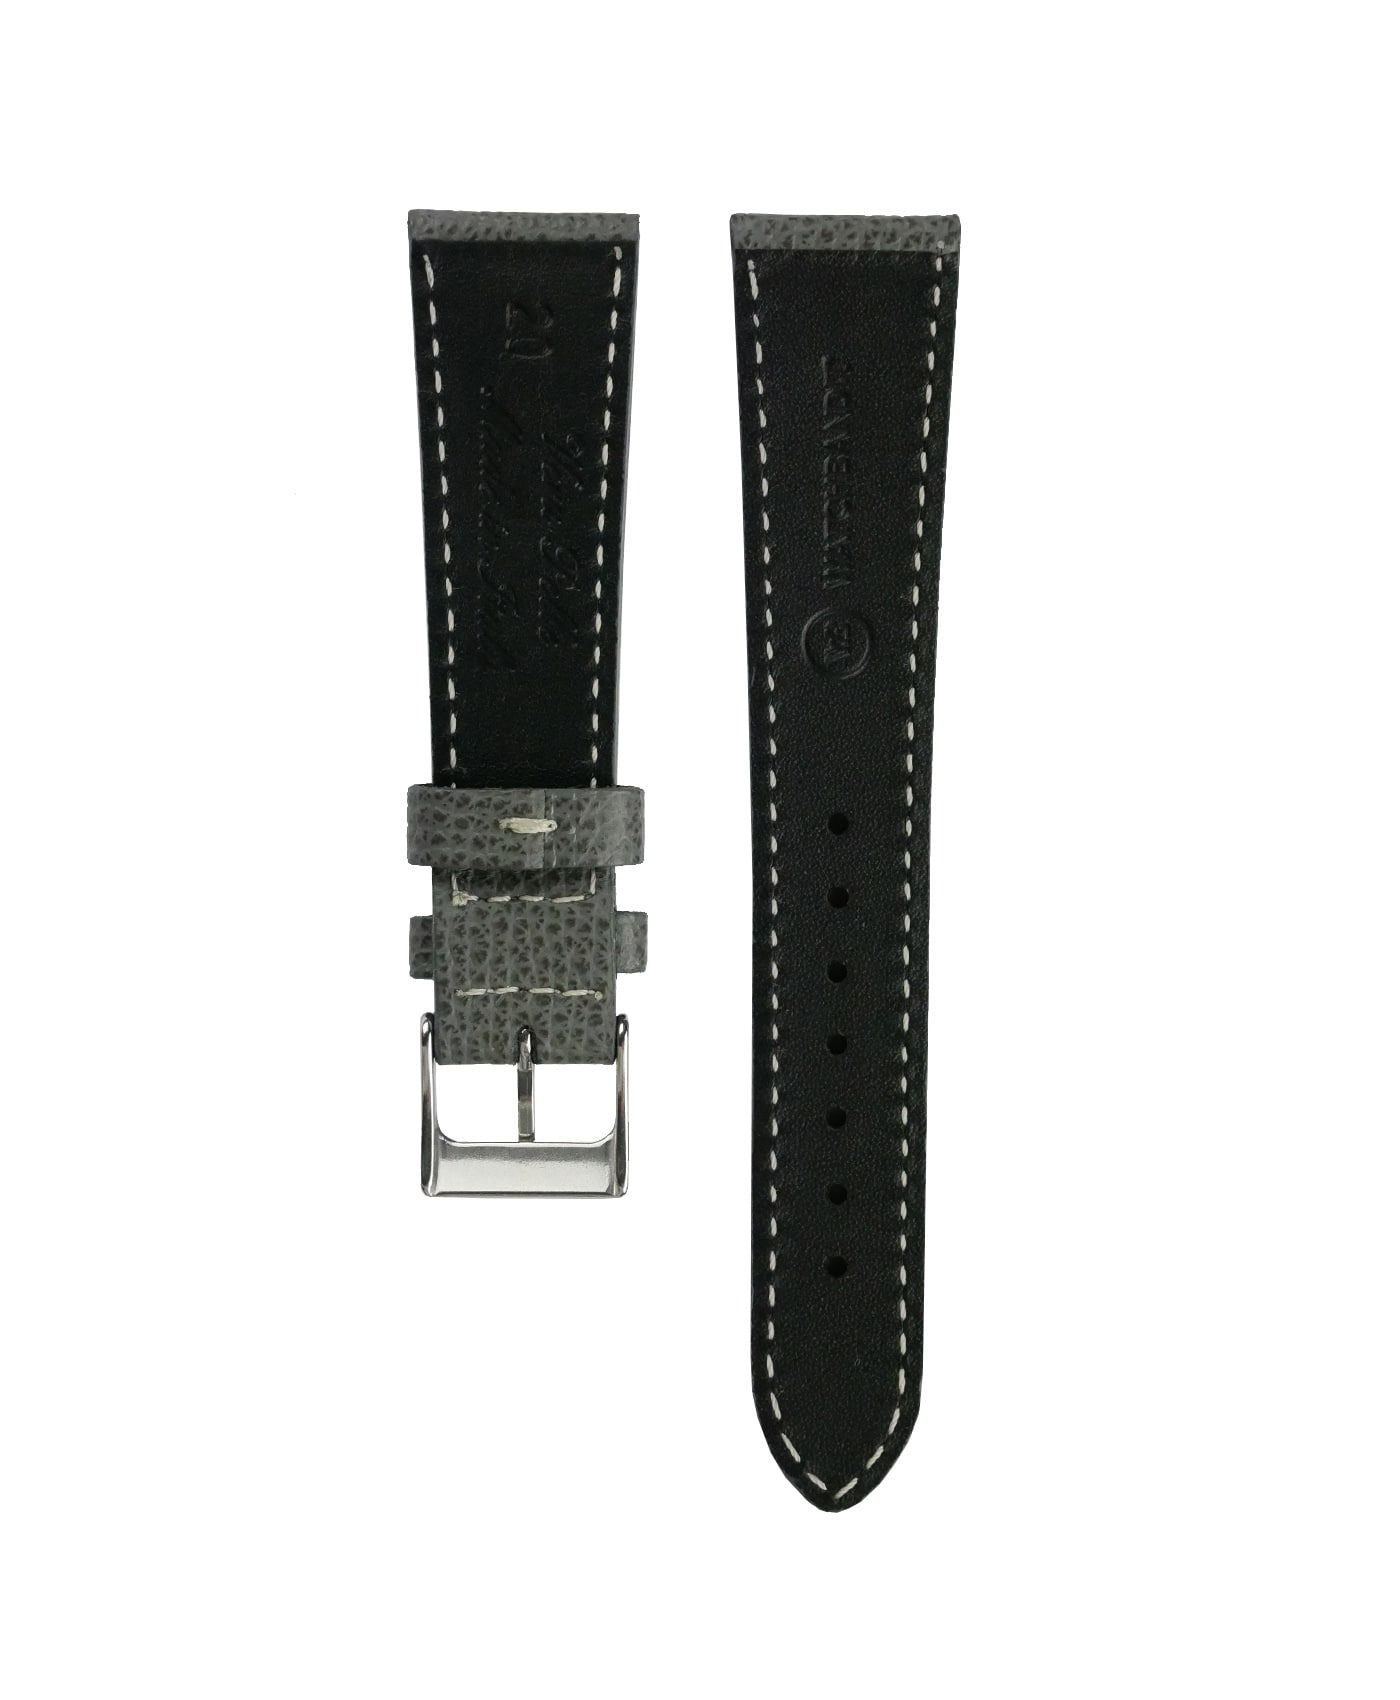 Textured calfskin leather watch strap dark grey back watchbandit